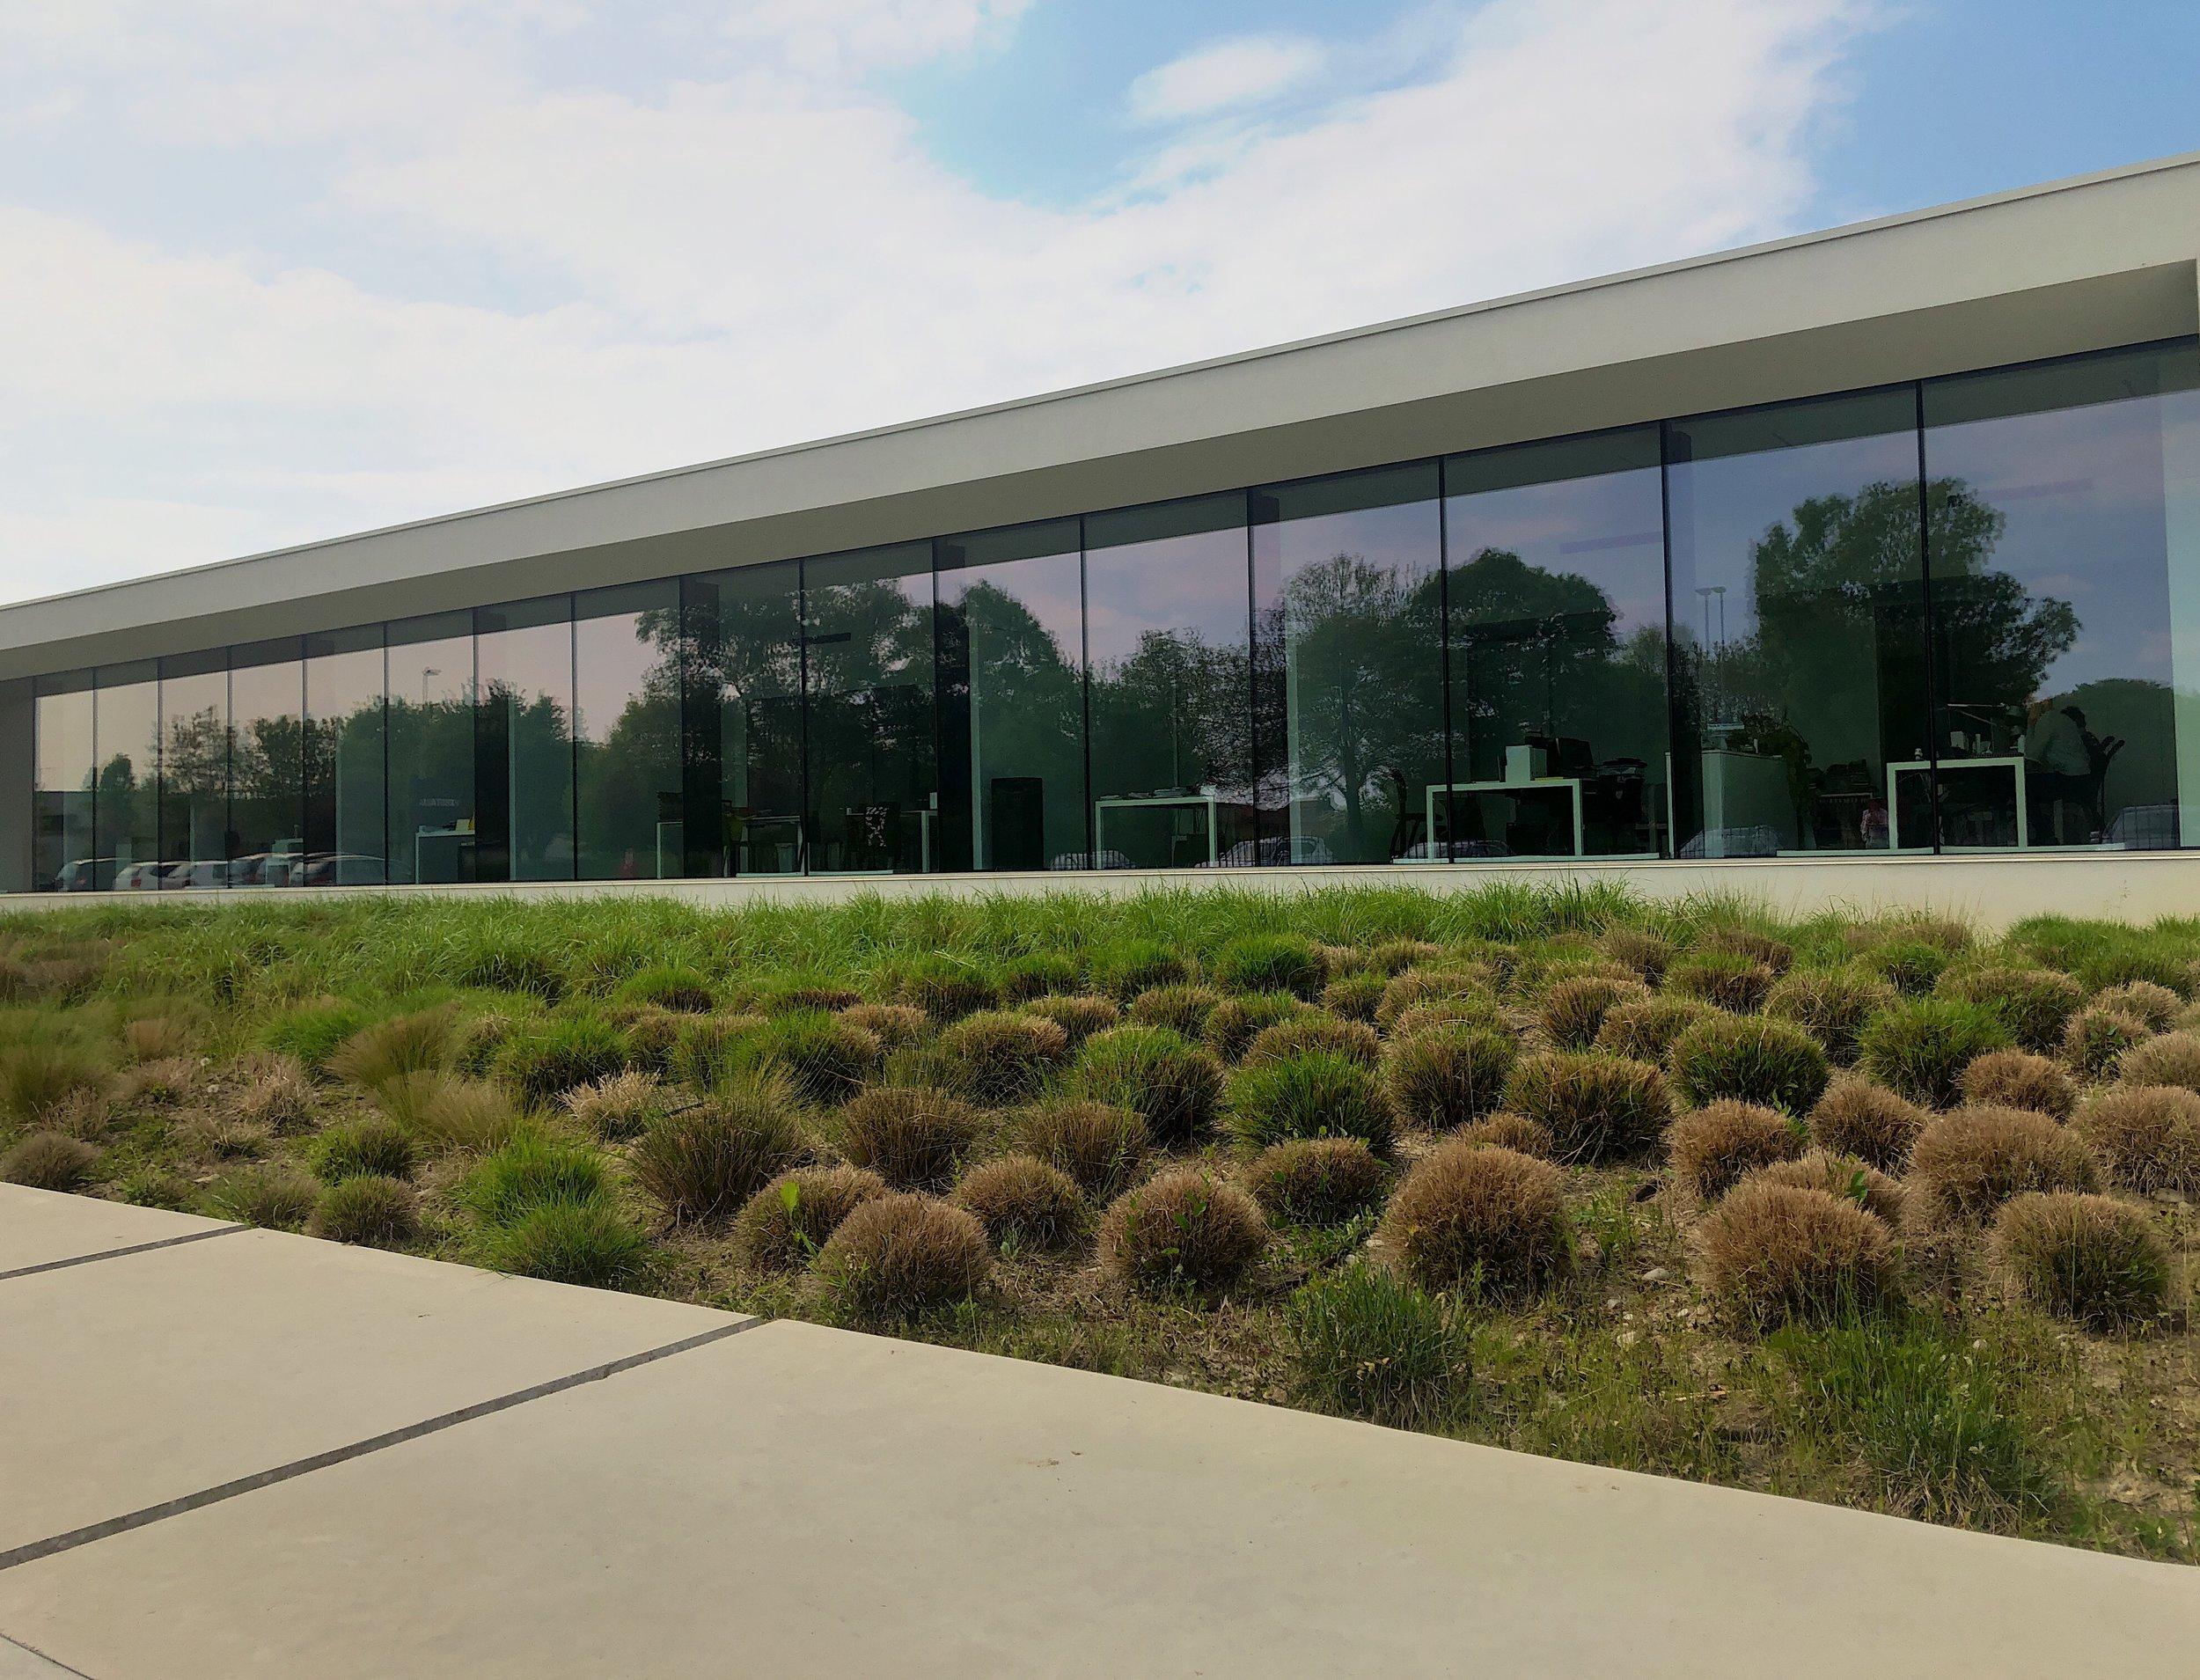 ▲ Kristalia 的國際總部辦公室外觀